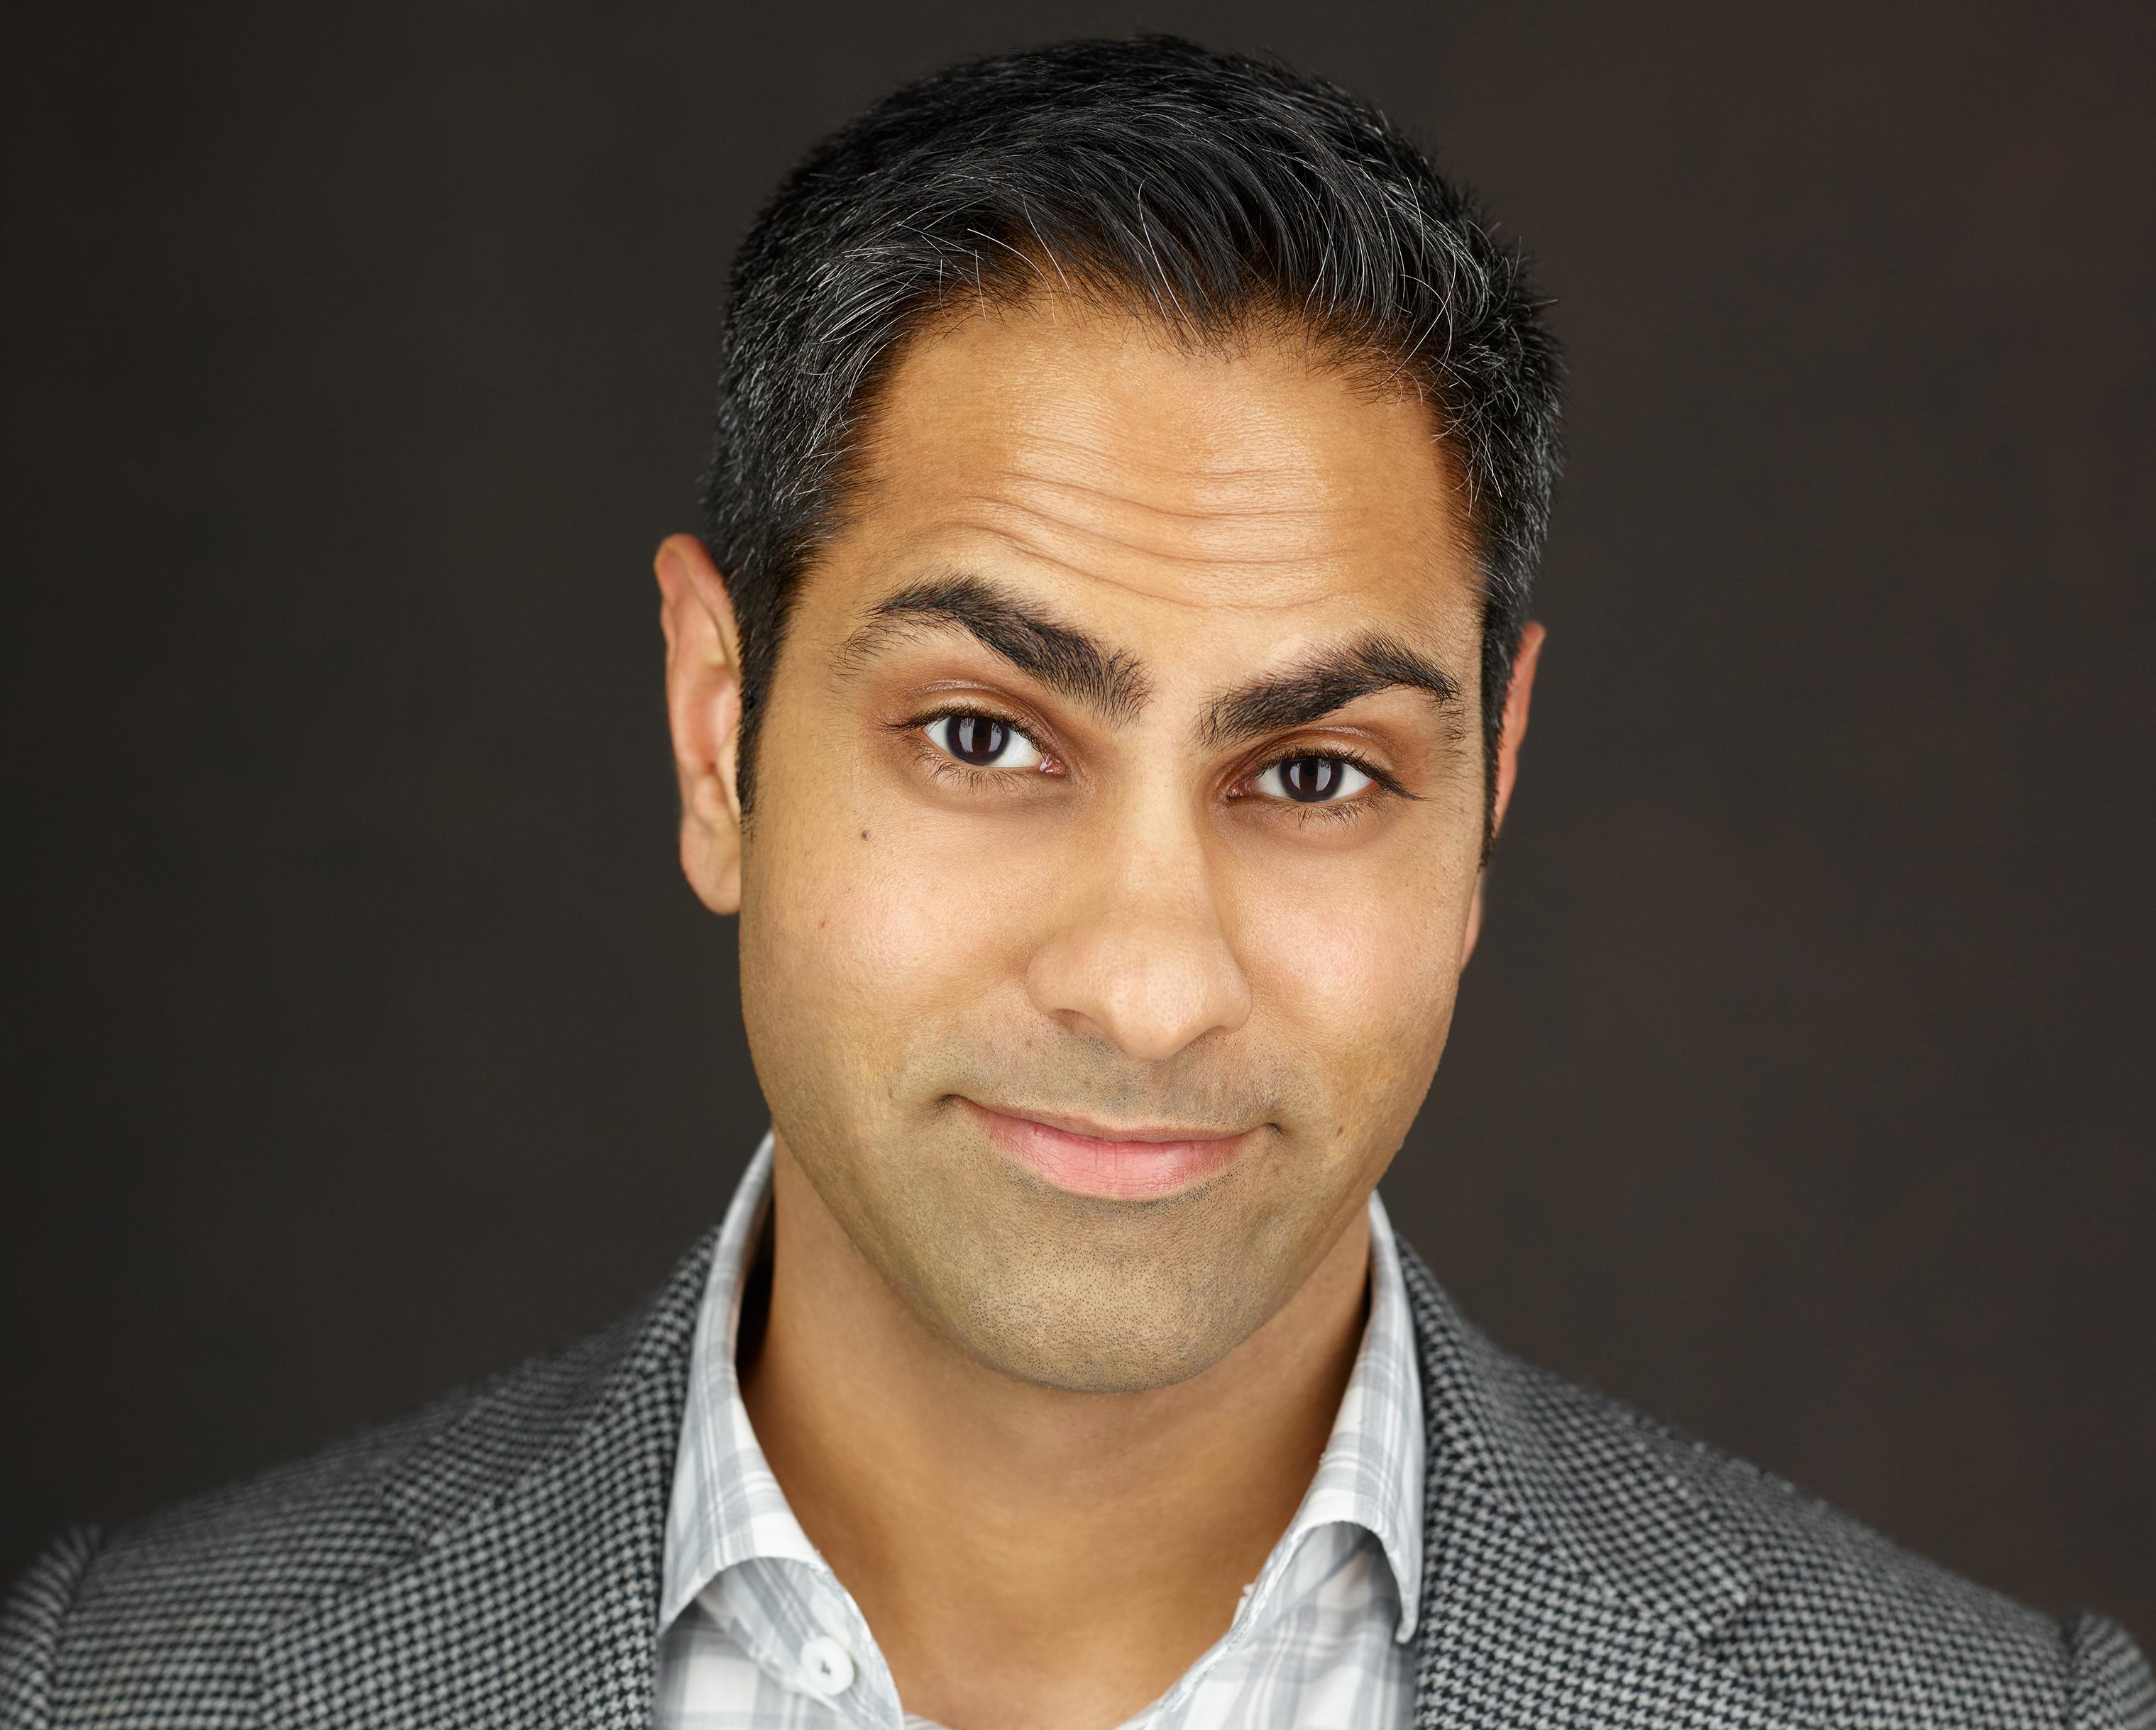 Ramit Sethi cho rằng mua nhà chưa chắc đã phải là khoản đầu tư tốt nhất.   Ảnh: CNBC